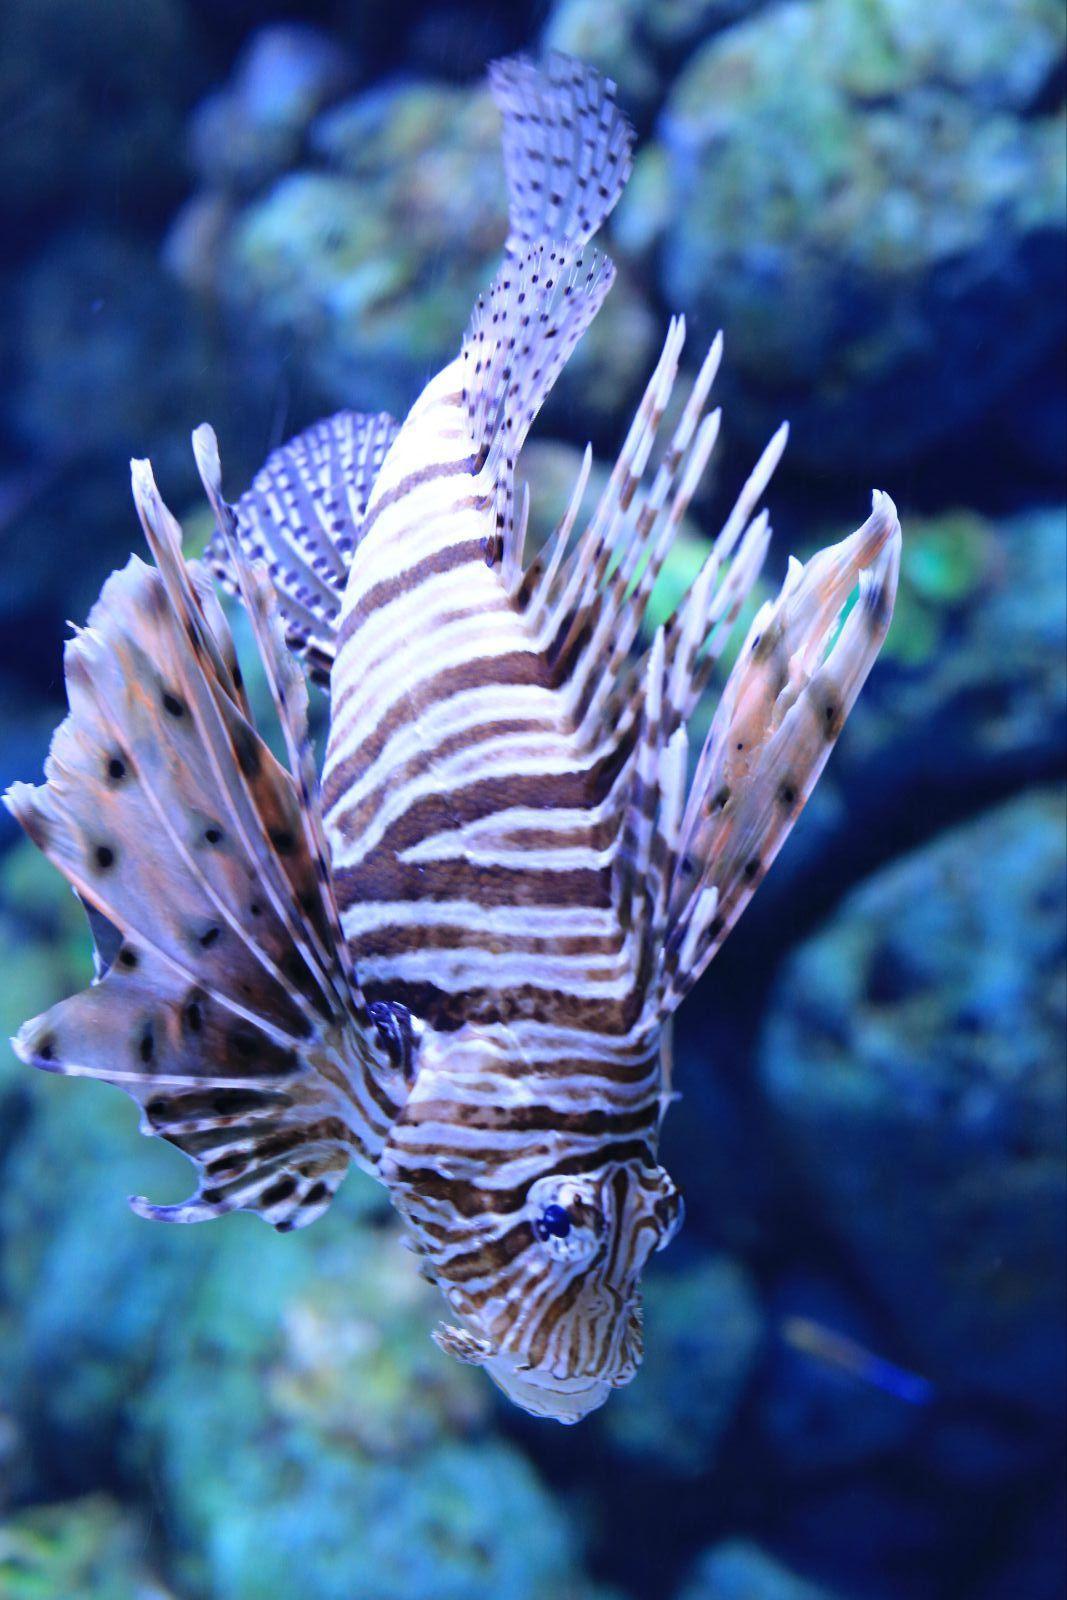 壁纸 动物 海底 海底世界 海洋馆 水族馆 鱼 鱼类 1067_1600 竖版 竖